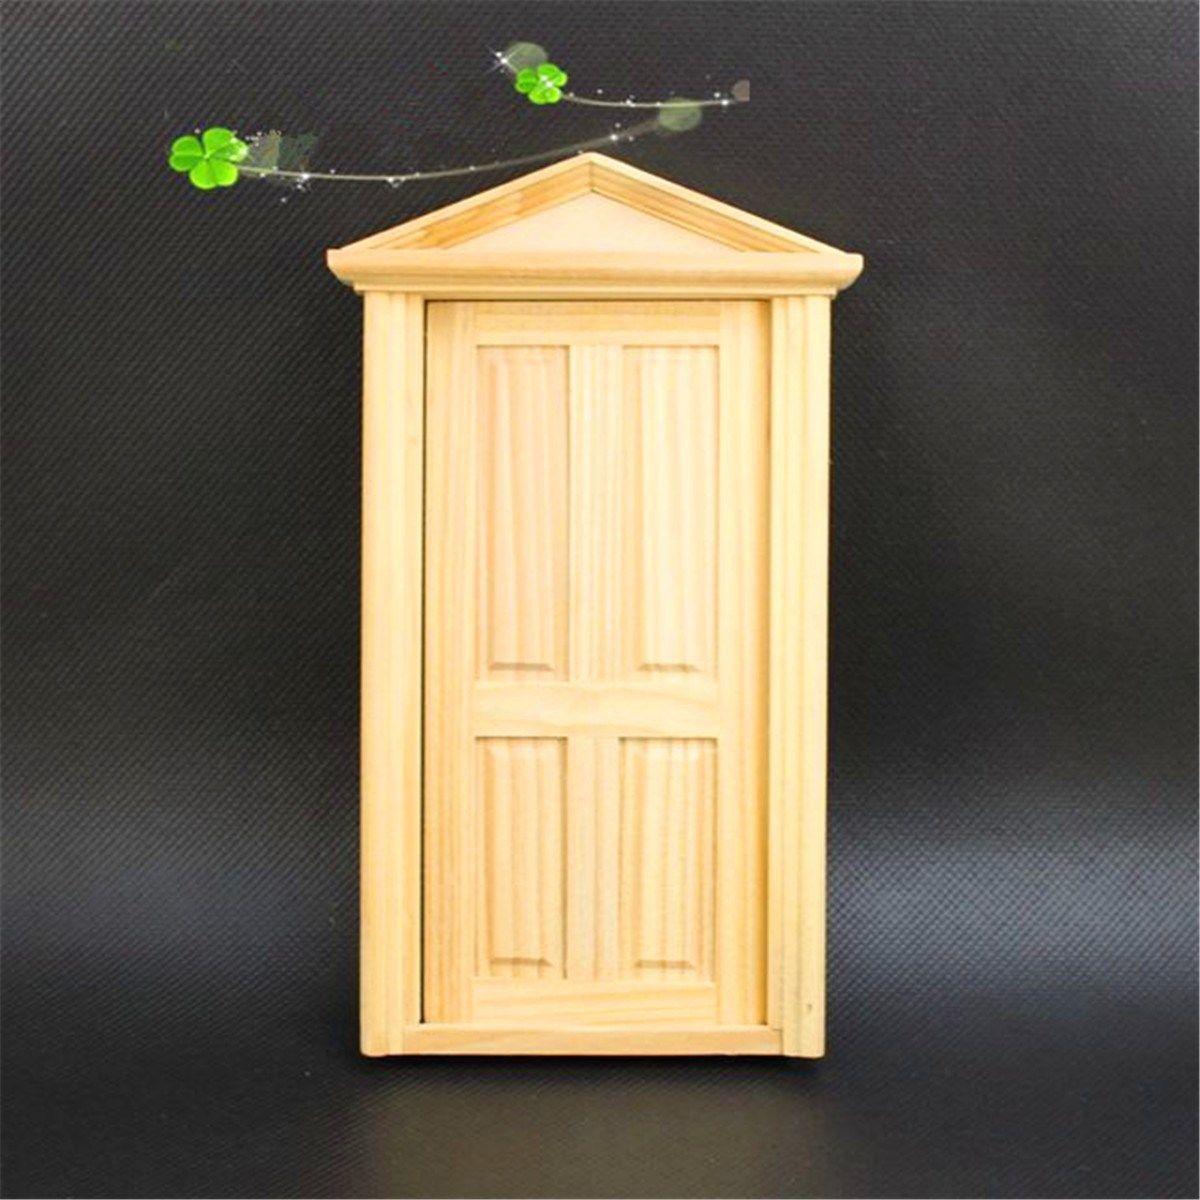 DIY Handmade Miniature 4 Panel Wooden Classical Exterior Door ...